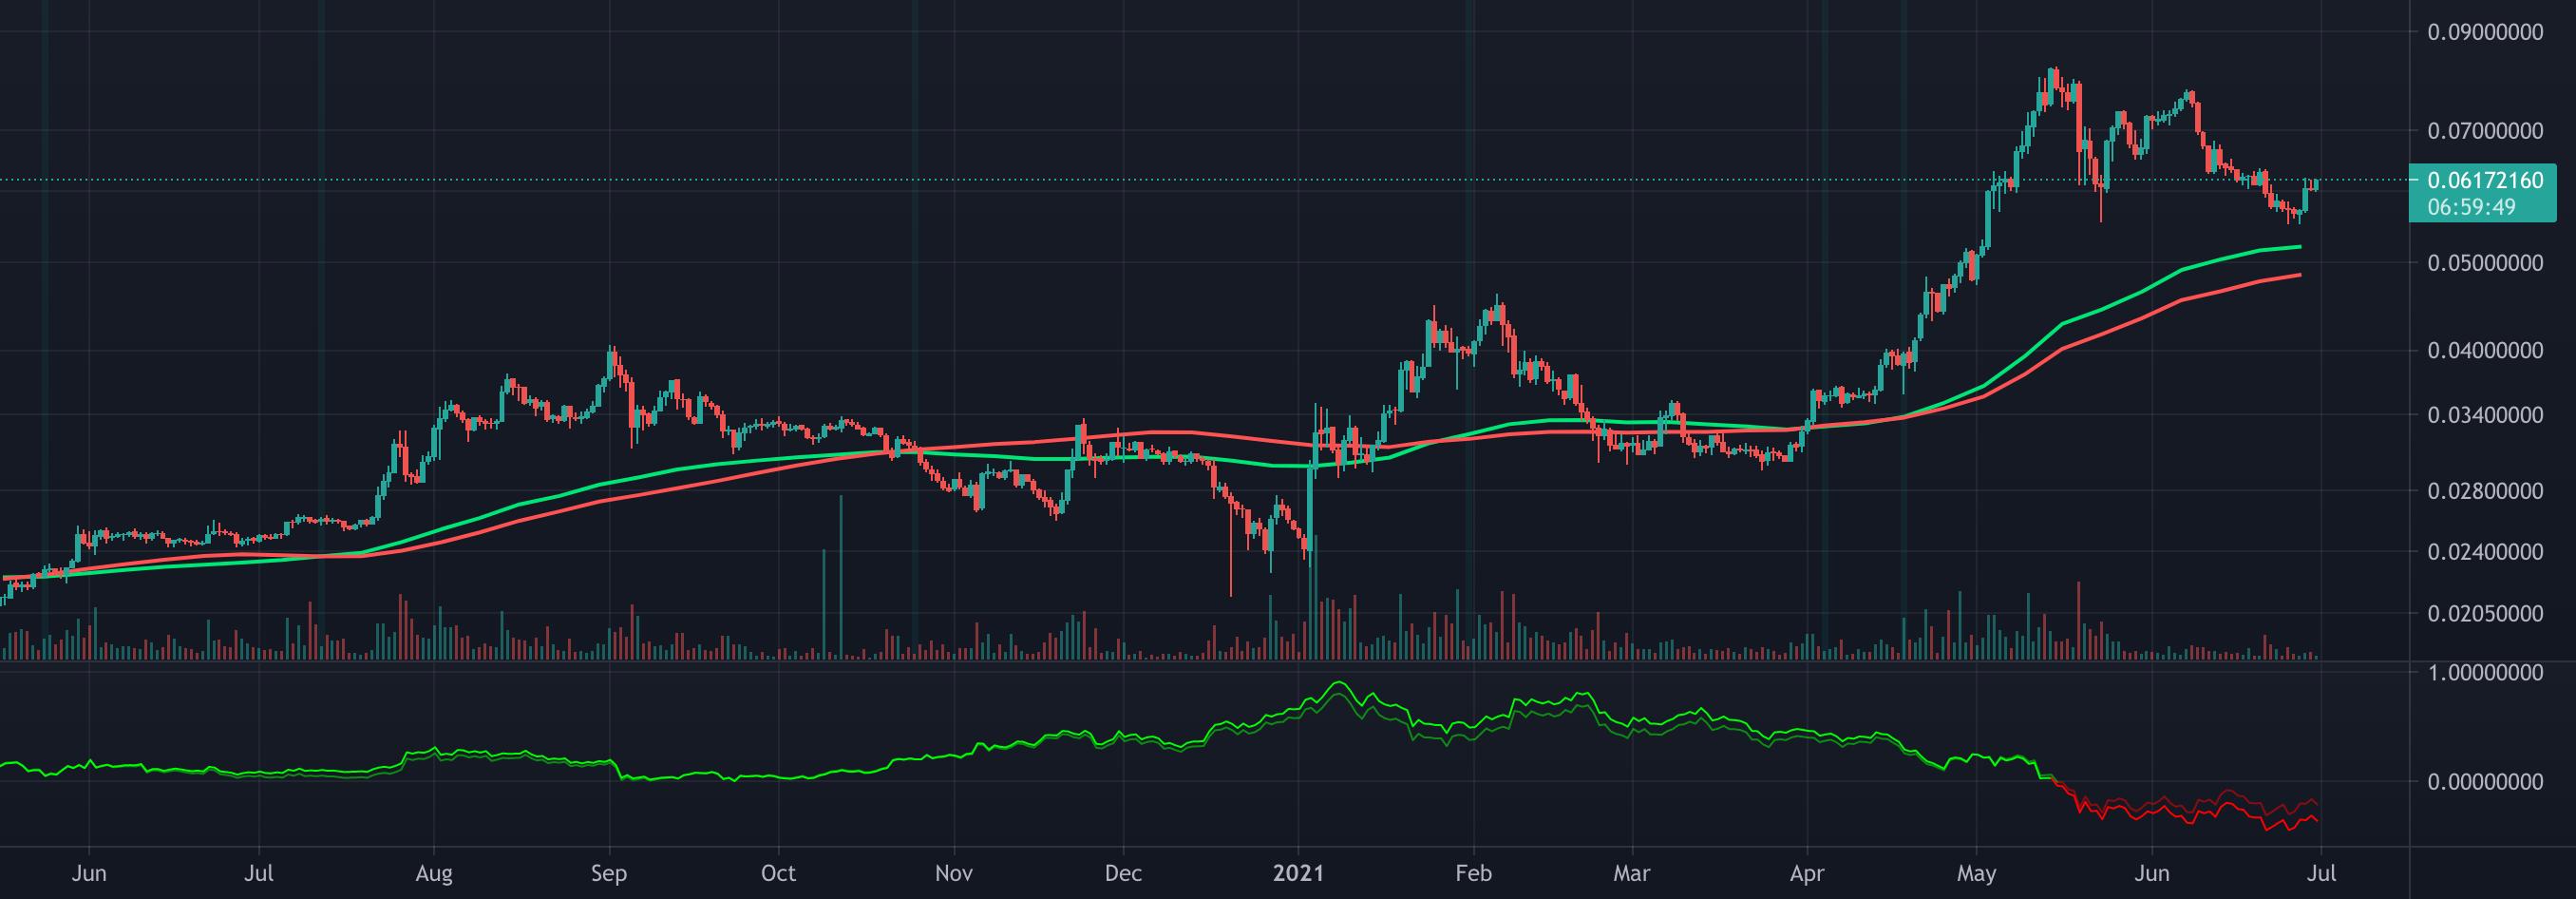 Adx Btc Tradingview